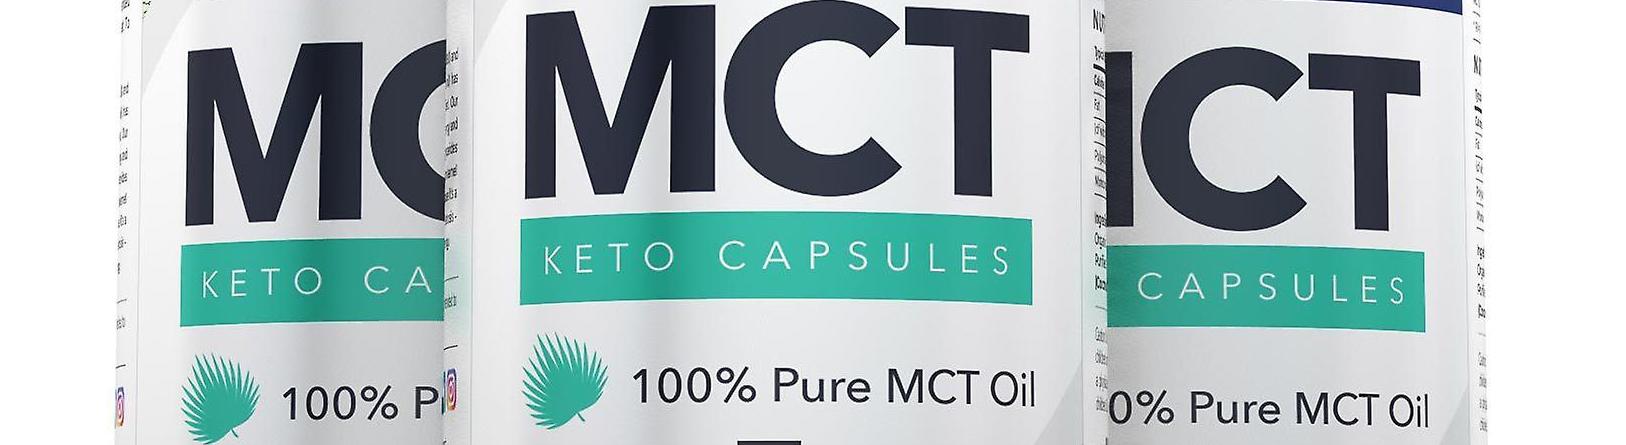 MCT OIL UN ANTIFUNGICO INVALORABLE POR SU PERFIL DE GRASAS BENEFICIOSO